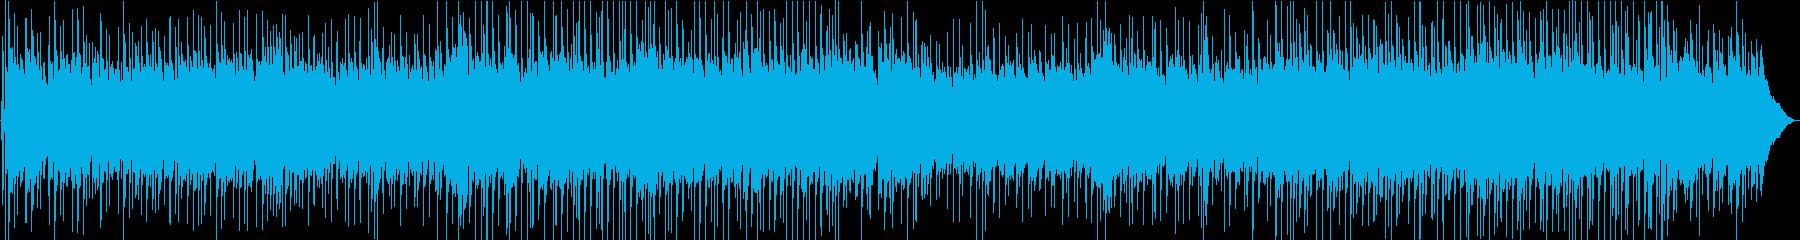 しっとり感動的な切ない生ポップバラードの再生済みの波形